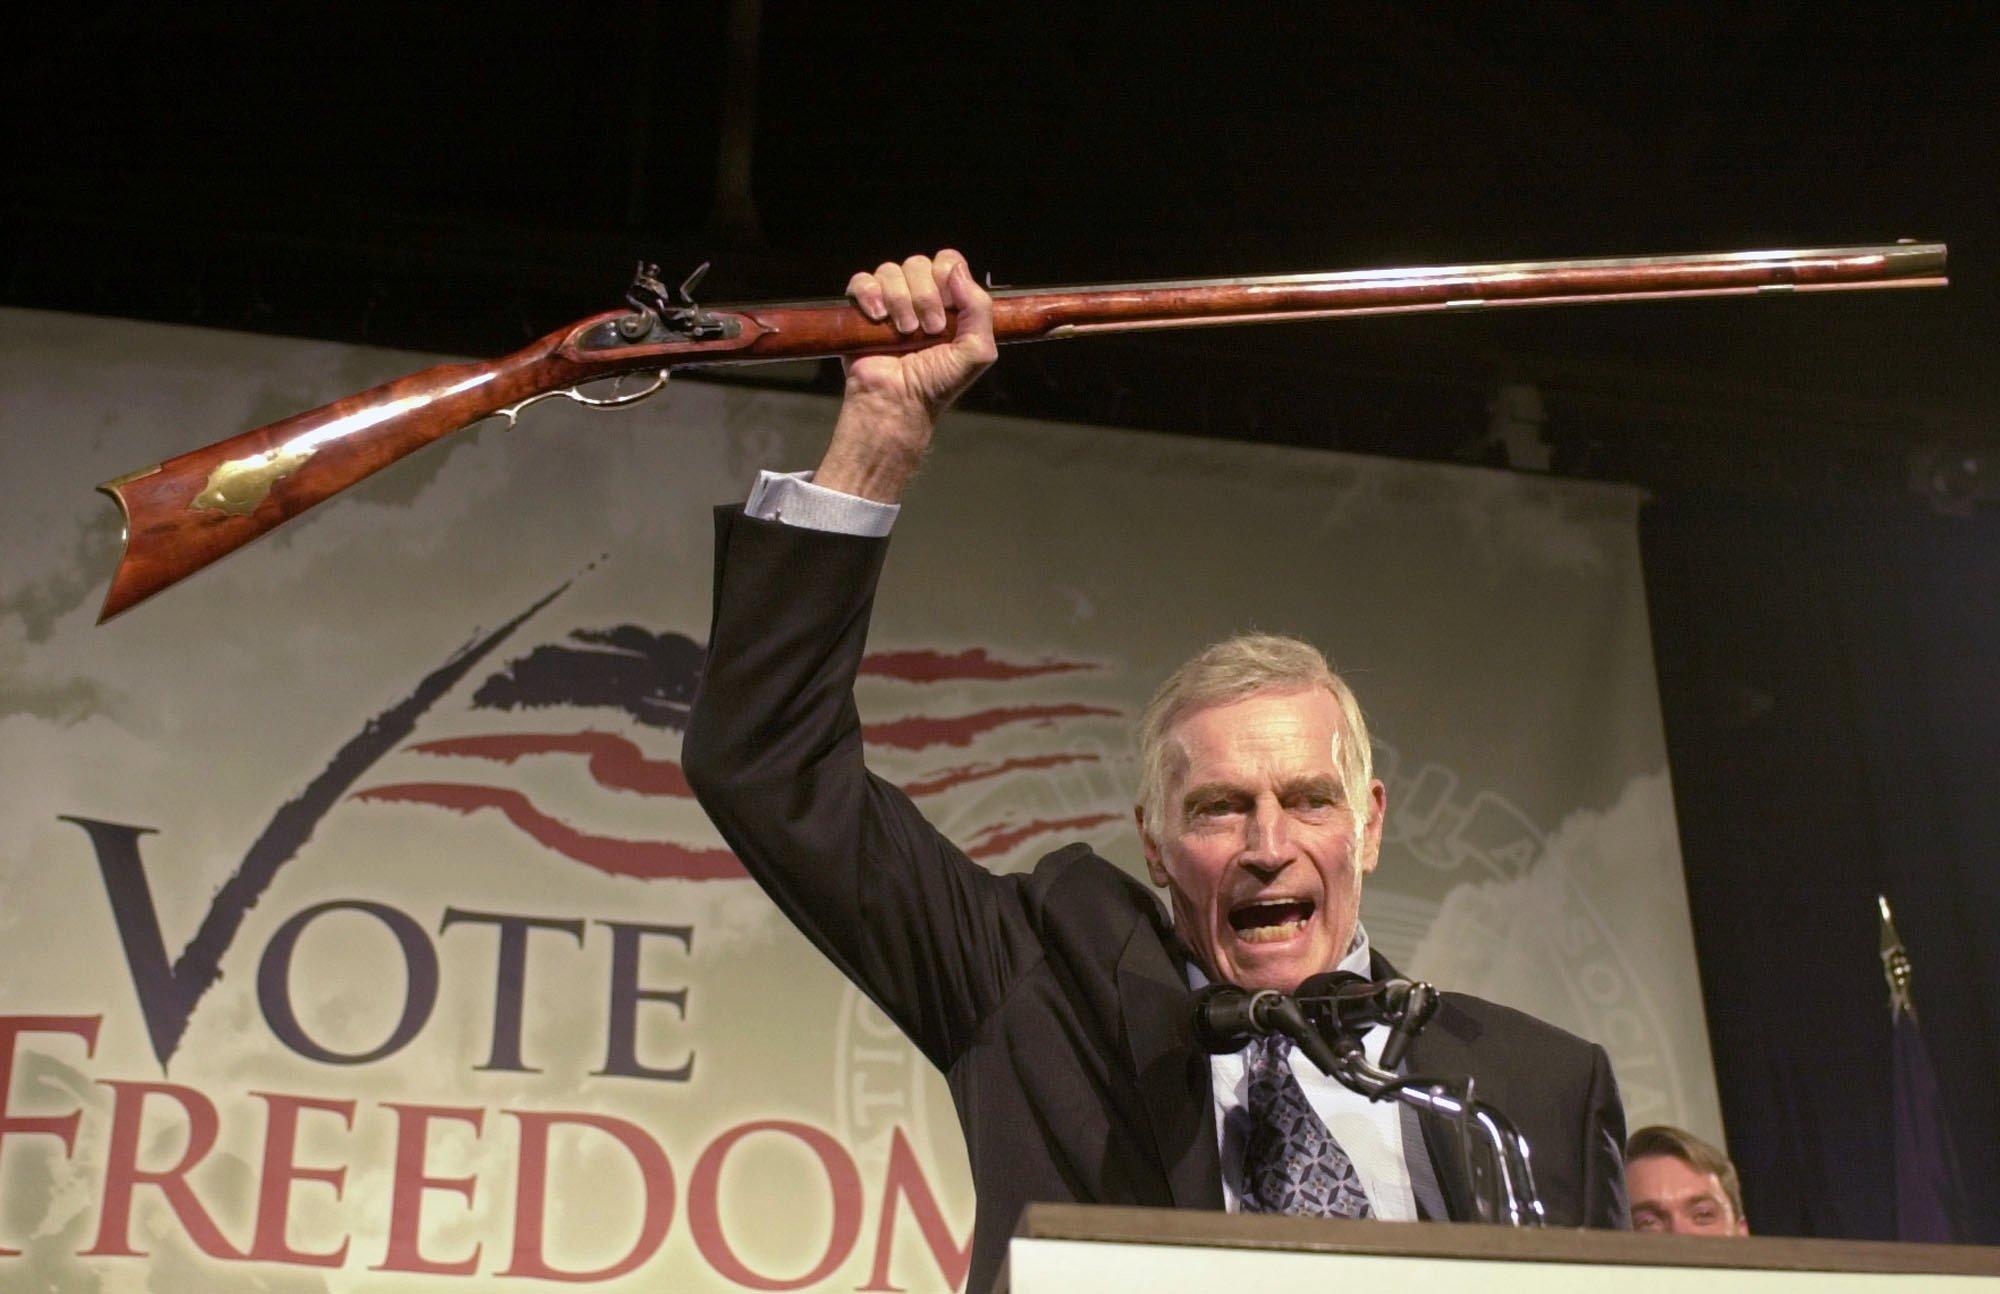 卻爾登希斯頓2002年10月21日出席全國槍枝協會會議上,高舉著步槍。(美聯社)